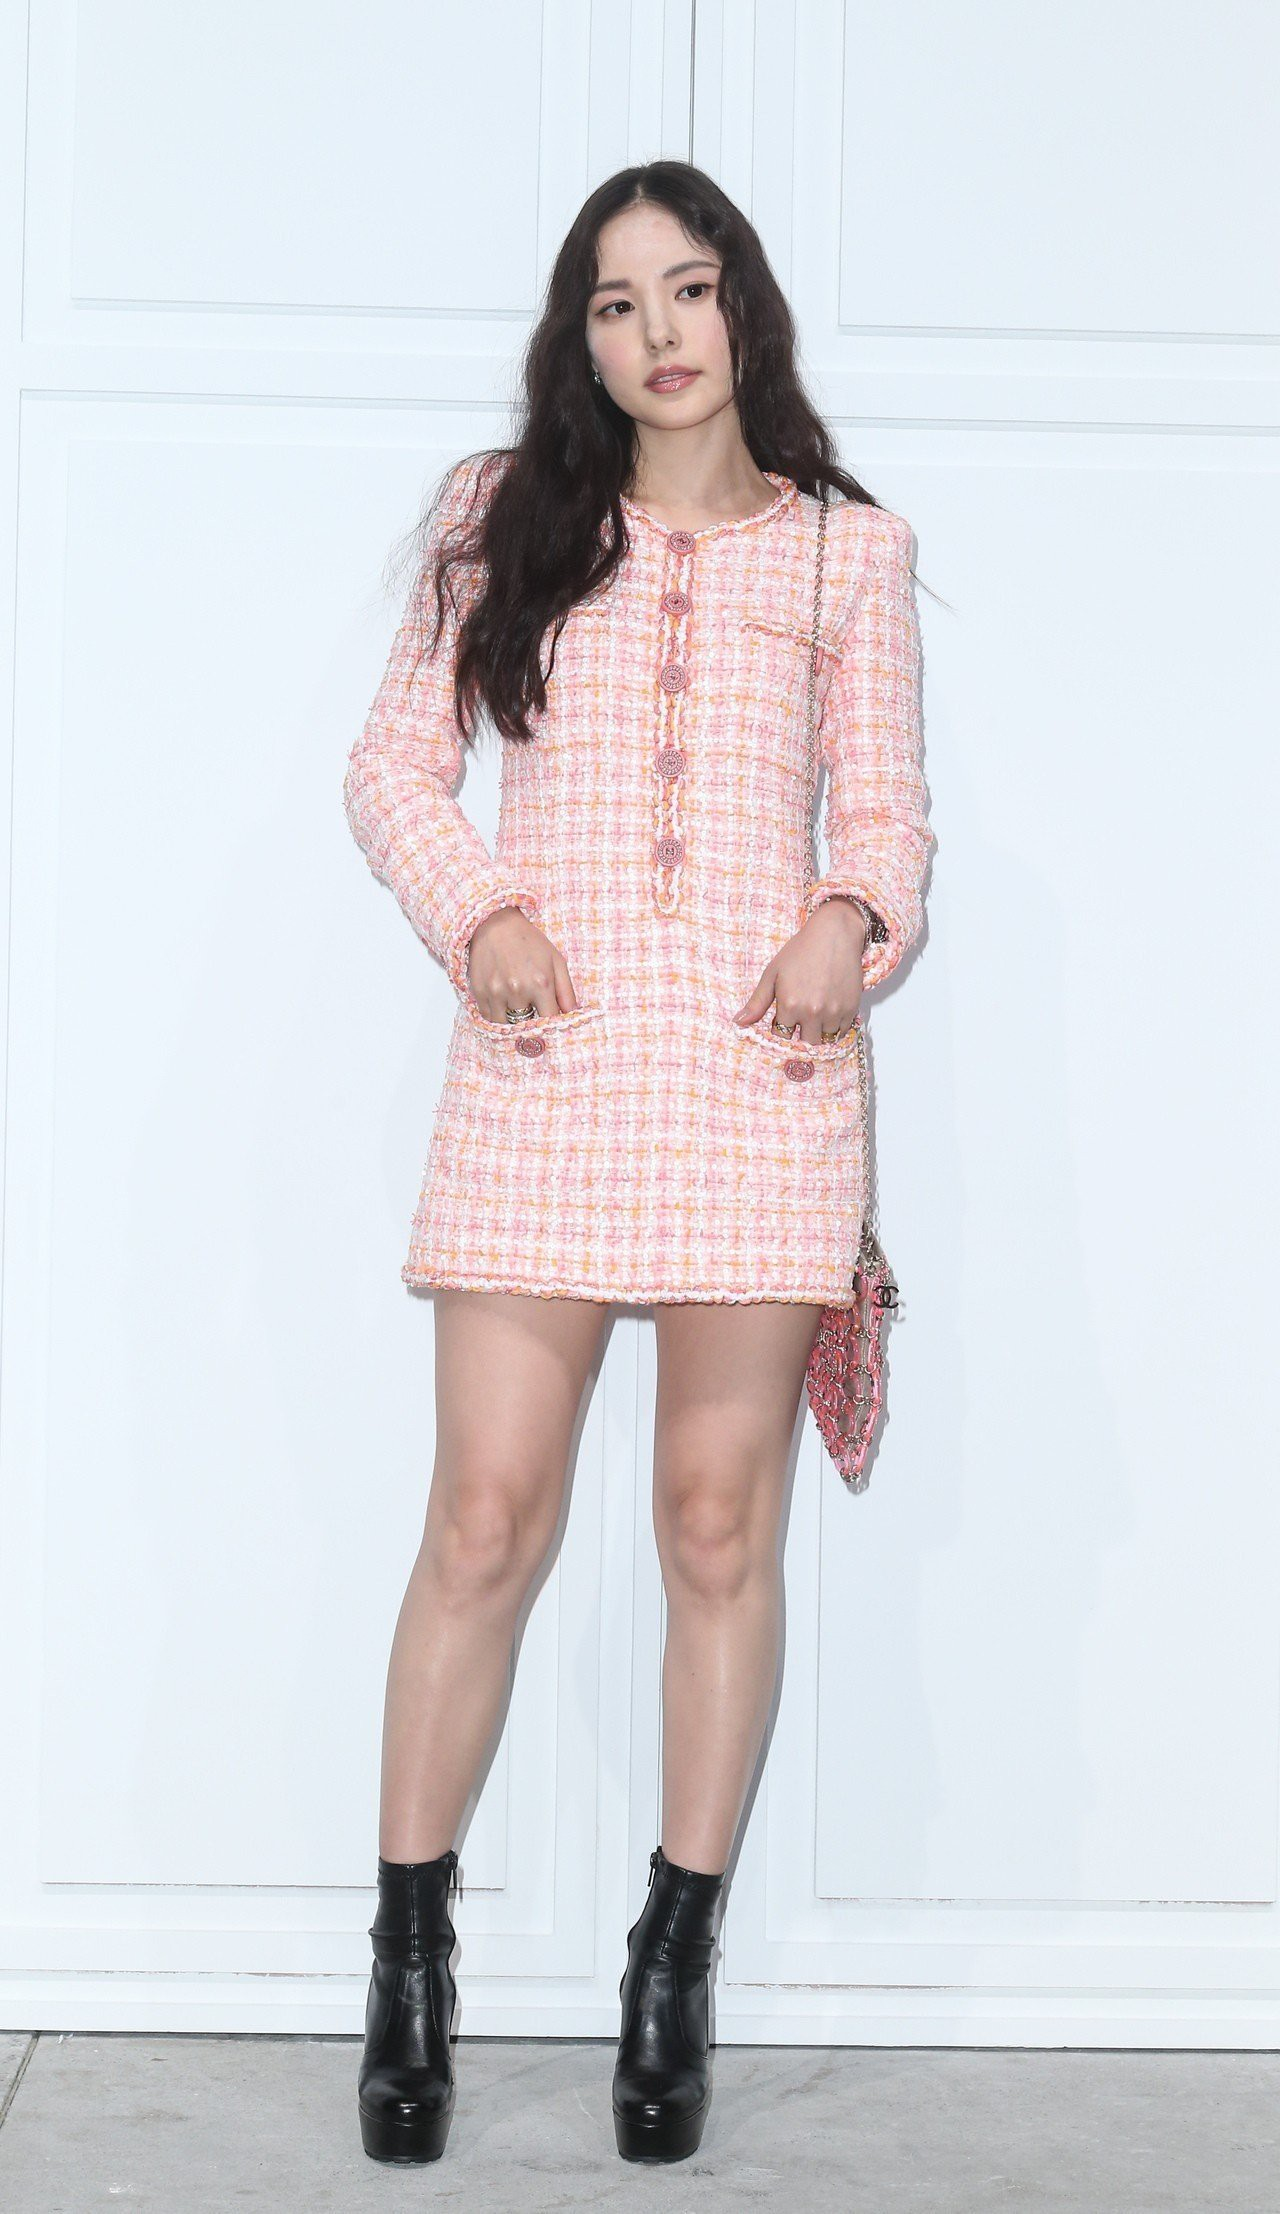 """Chân gầy hay béo mới là """"cực phẩm"""" khi diện váy ngắn: Rosé (Black Pink), Cổ Lực Na Trát và Min Hyo Rin sẽ khiến bạn khó nghĩ - Ảnh 6."""